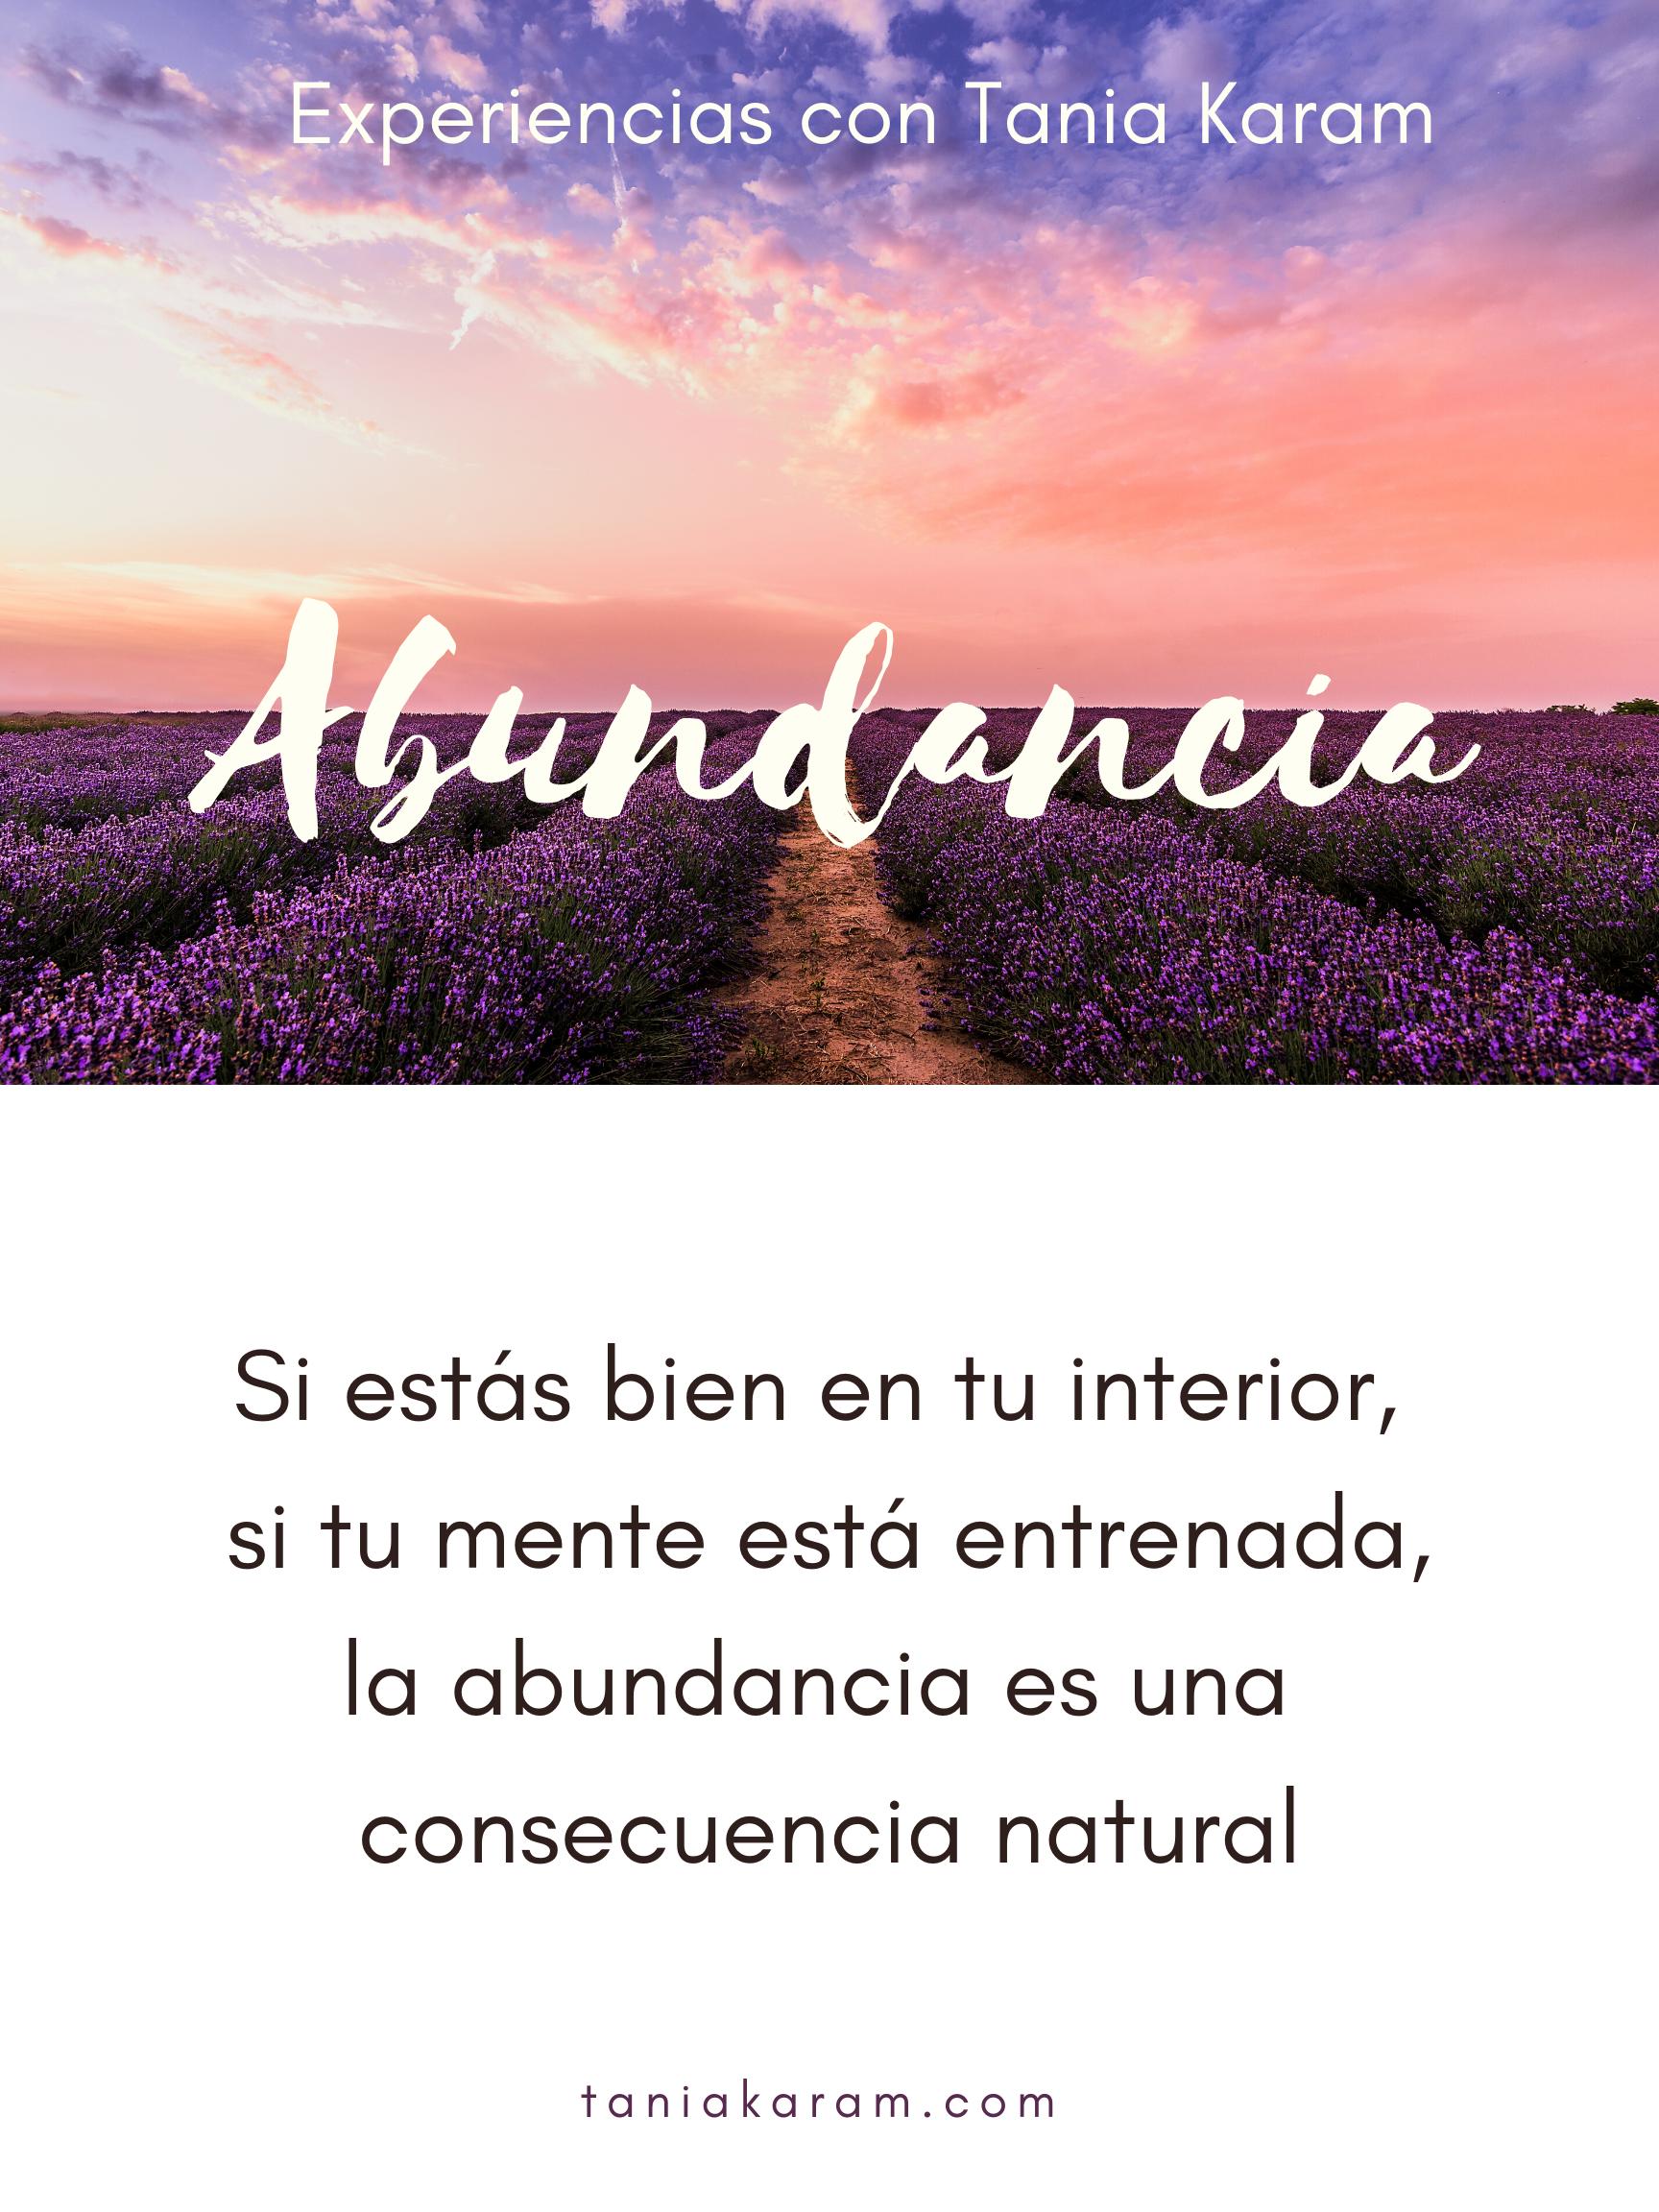 Abundancia_tania karam